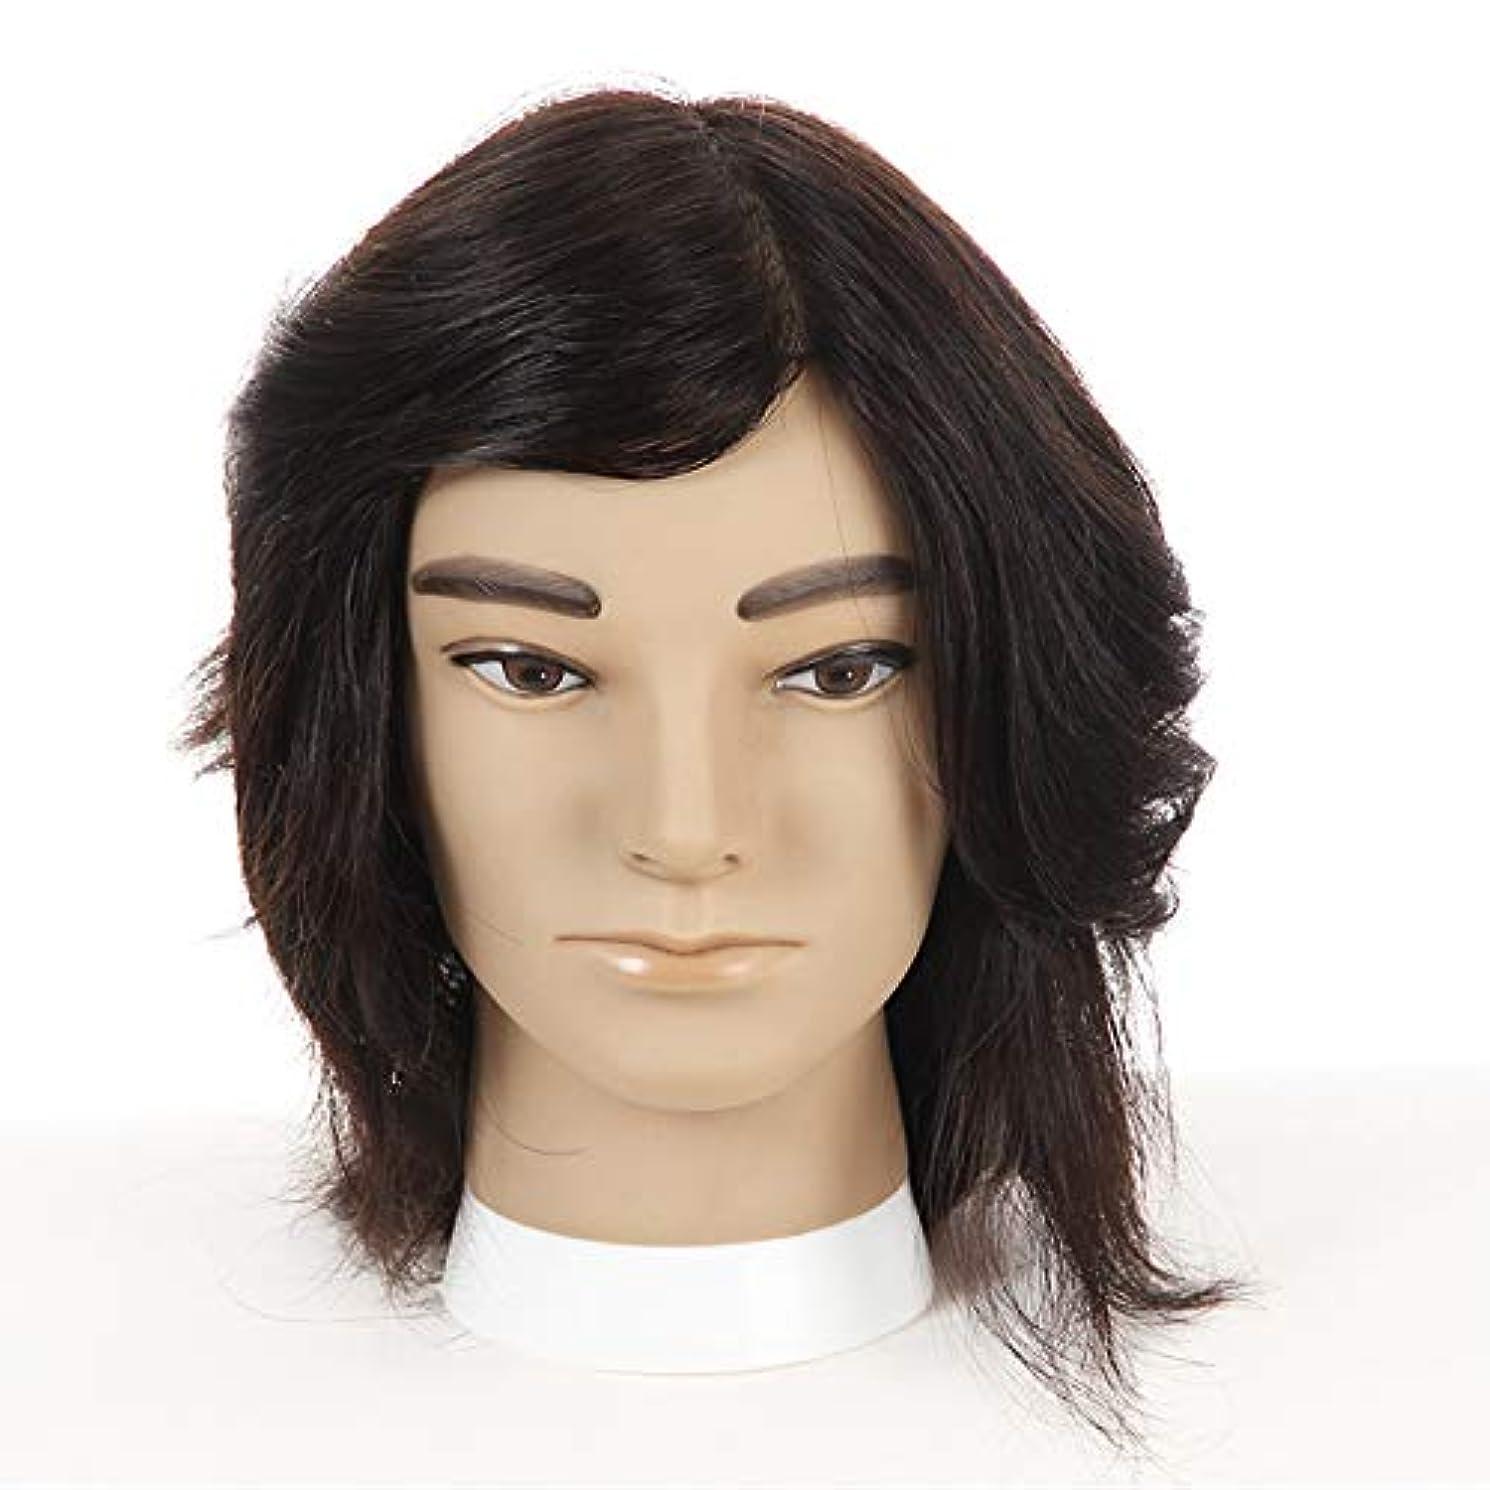 に対応する明快親リアルヘアヘアスタイリングマネキンヘッド男性ヘッドモデル教育ヘッド理髪店編組ヘア染色学習ダミーヘッド